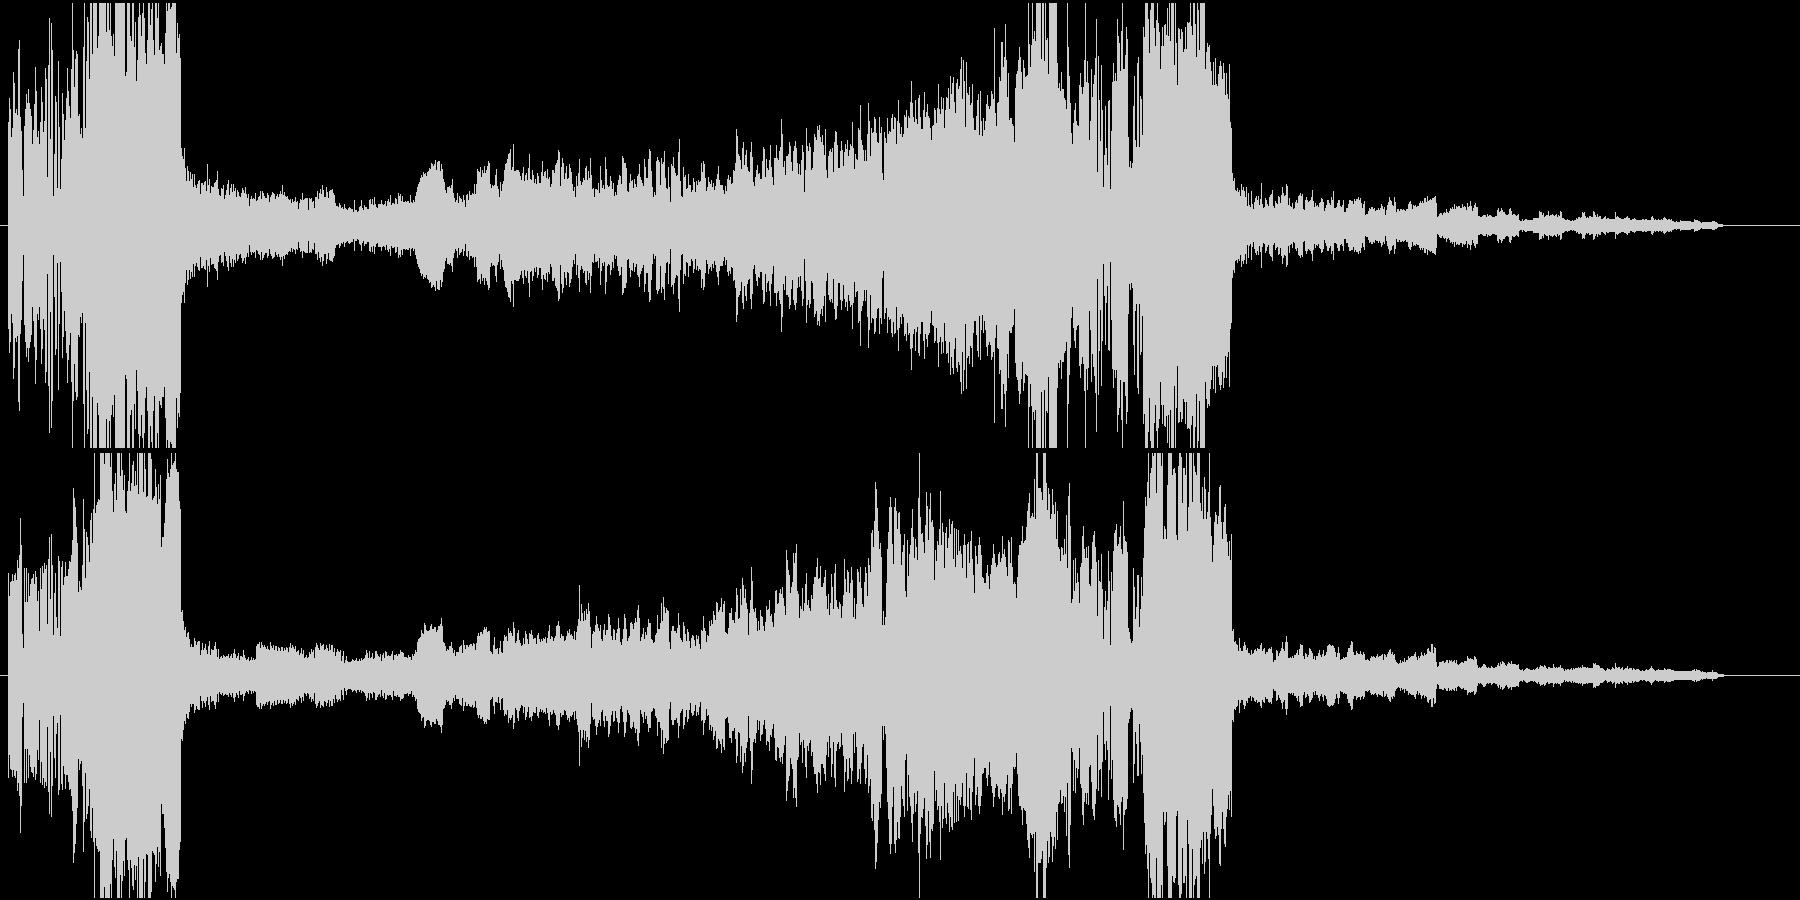 金管のファンファーレで始まる曲ですの未再生の波形